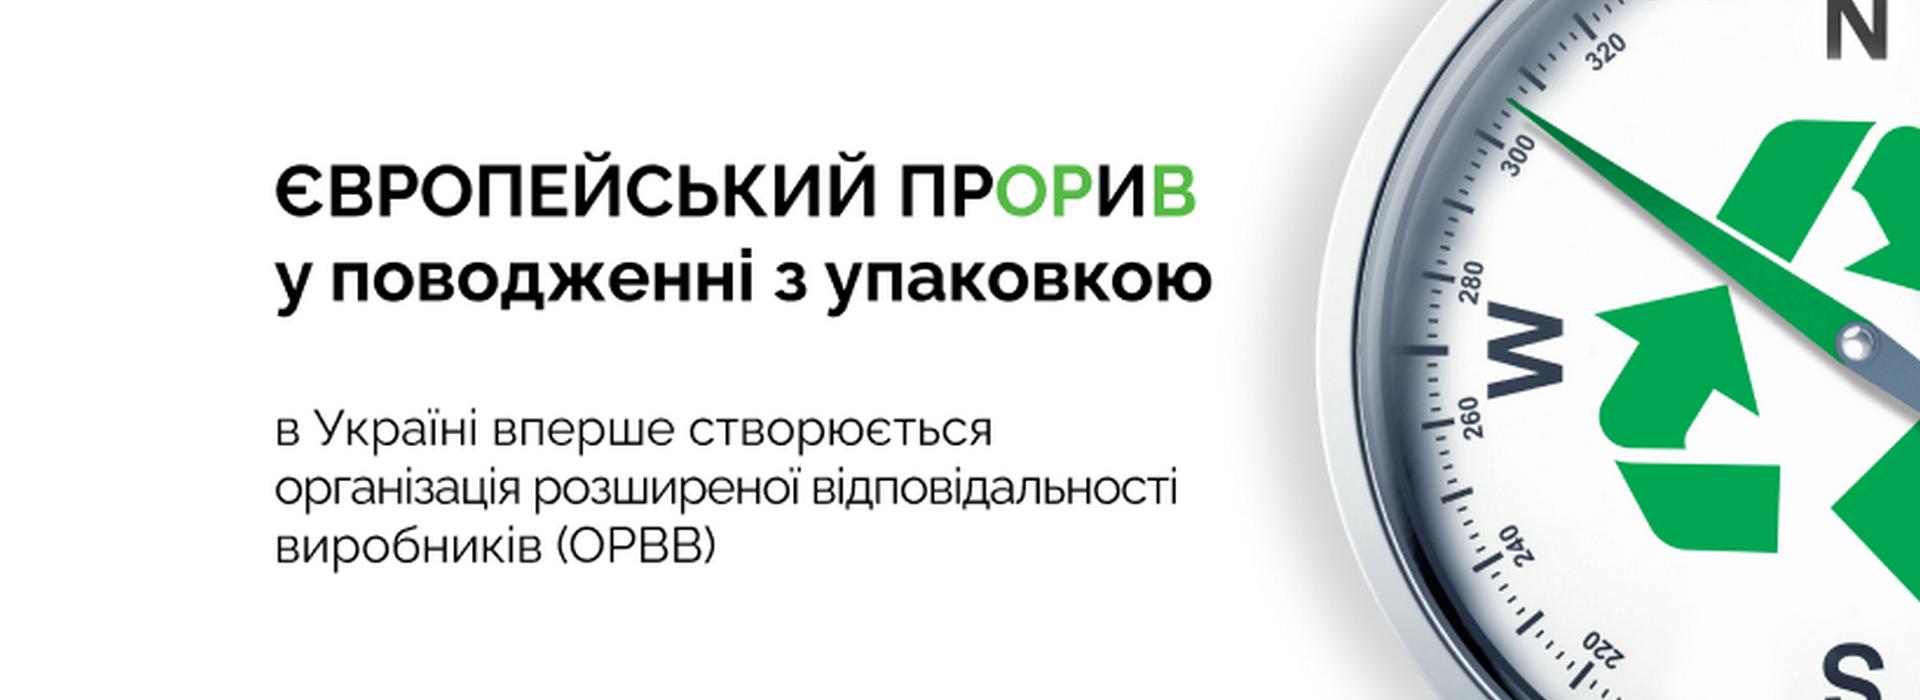 Європейський прОРиВ – в Україні вперше створюється організація розширеної відповідальності виробників